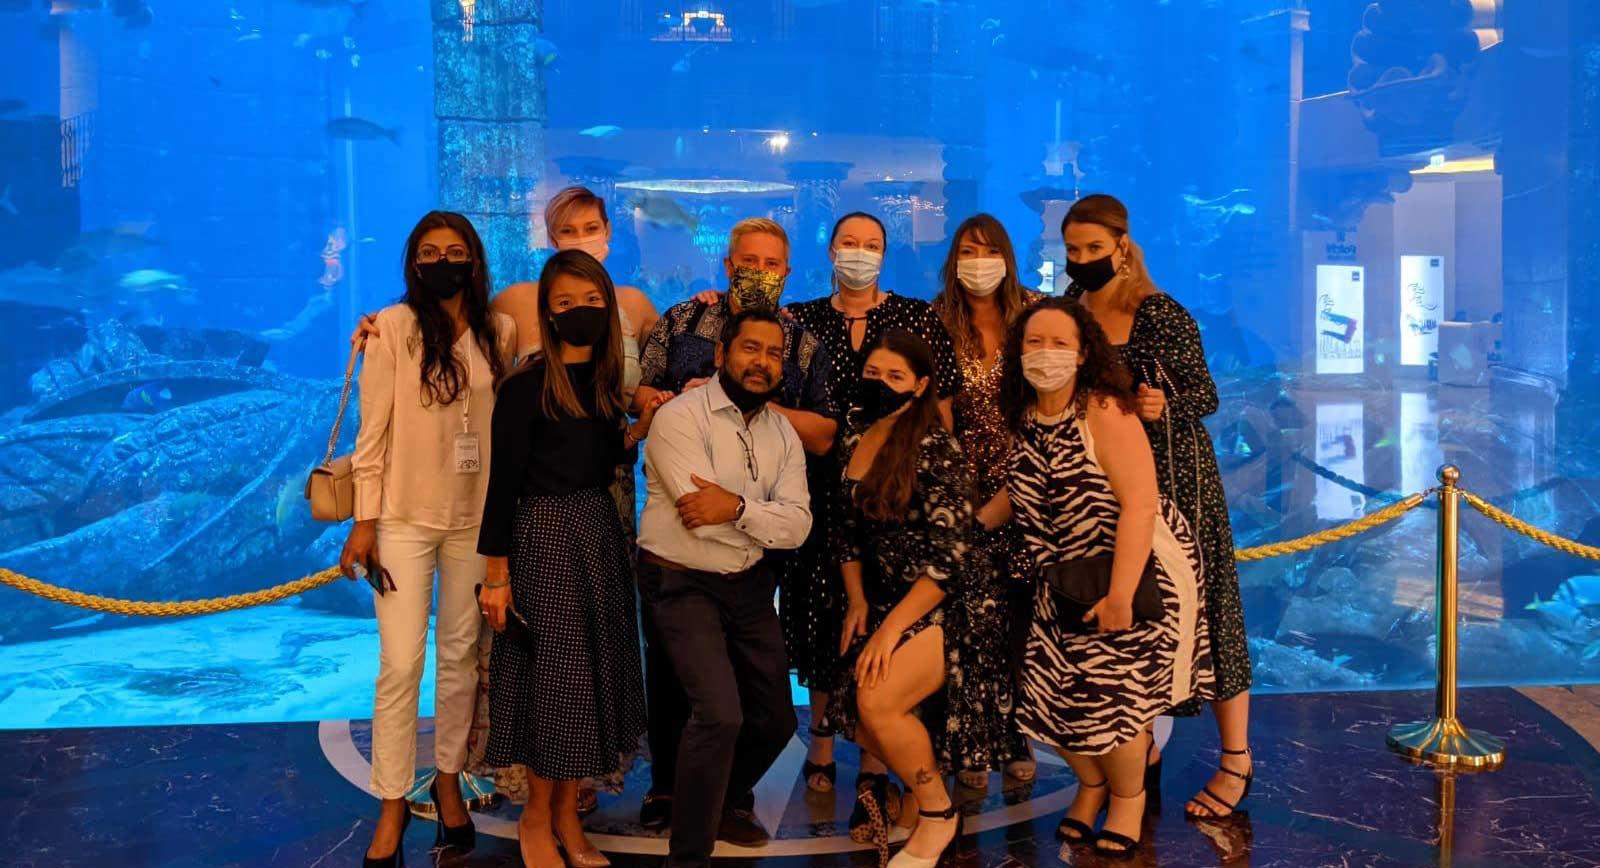 Group photo at Aquatrek